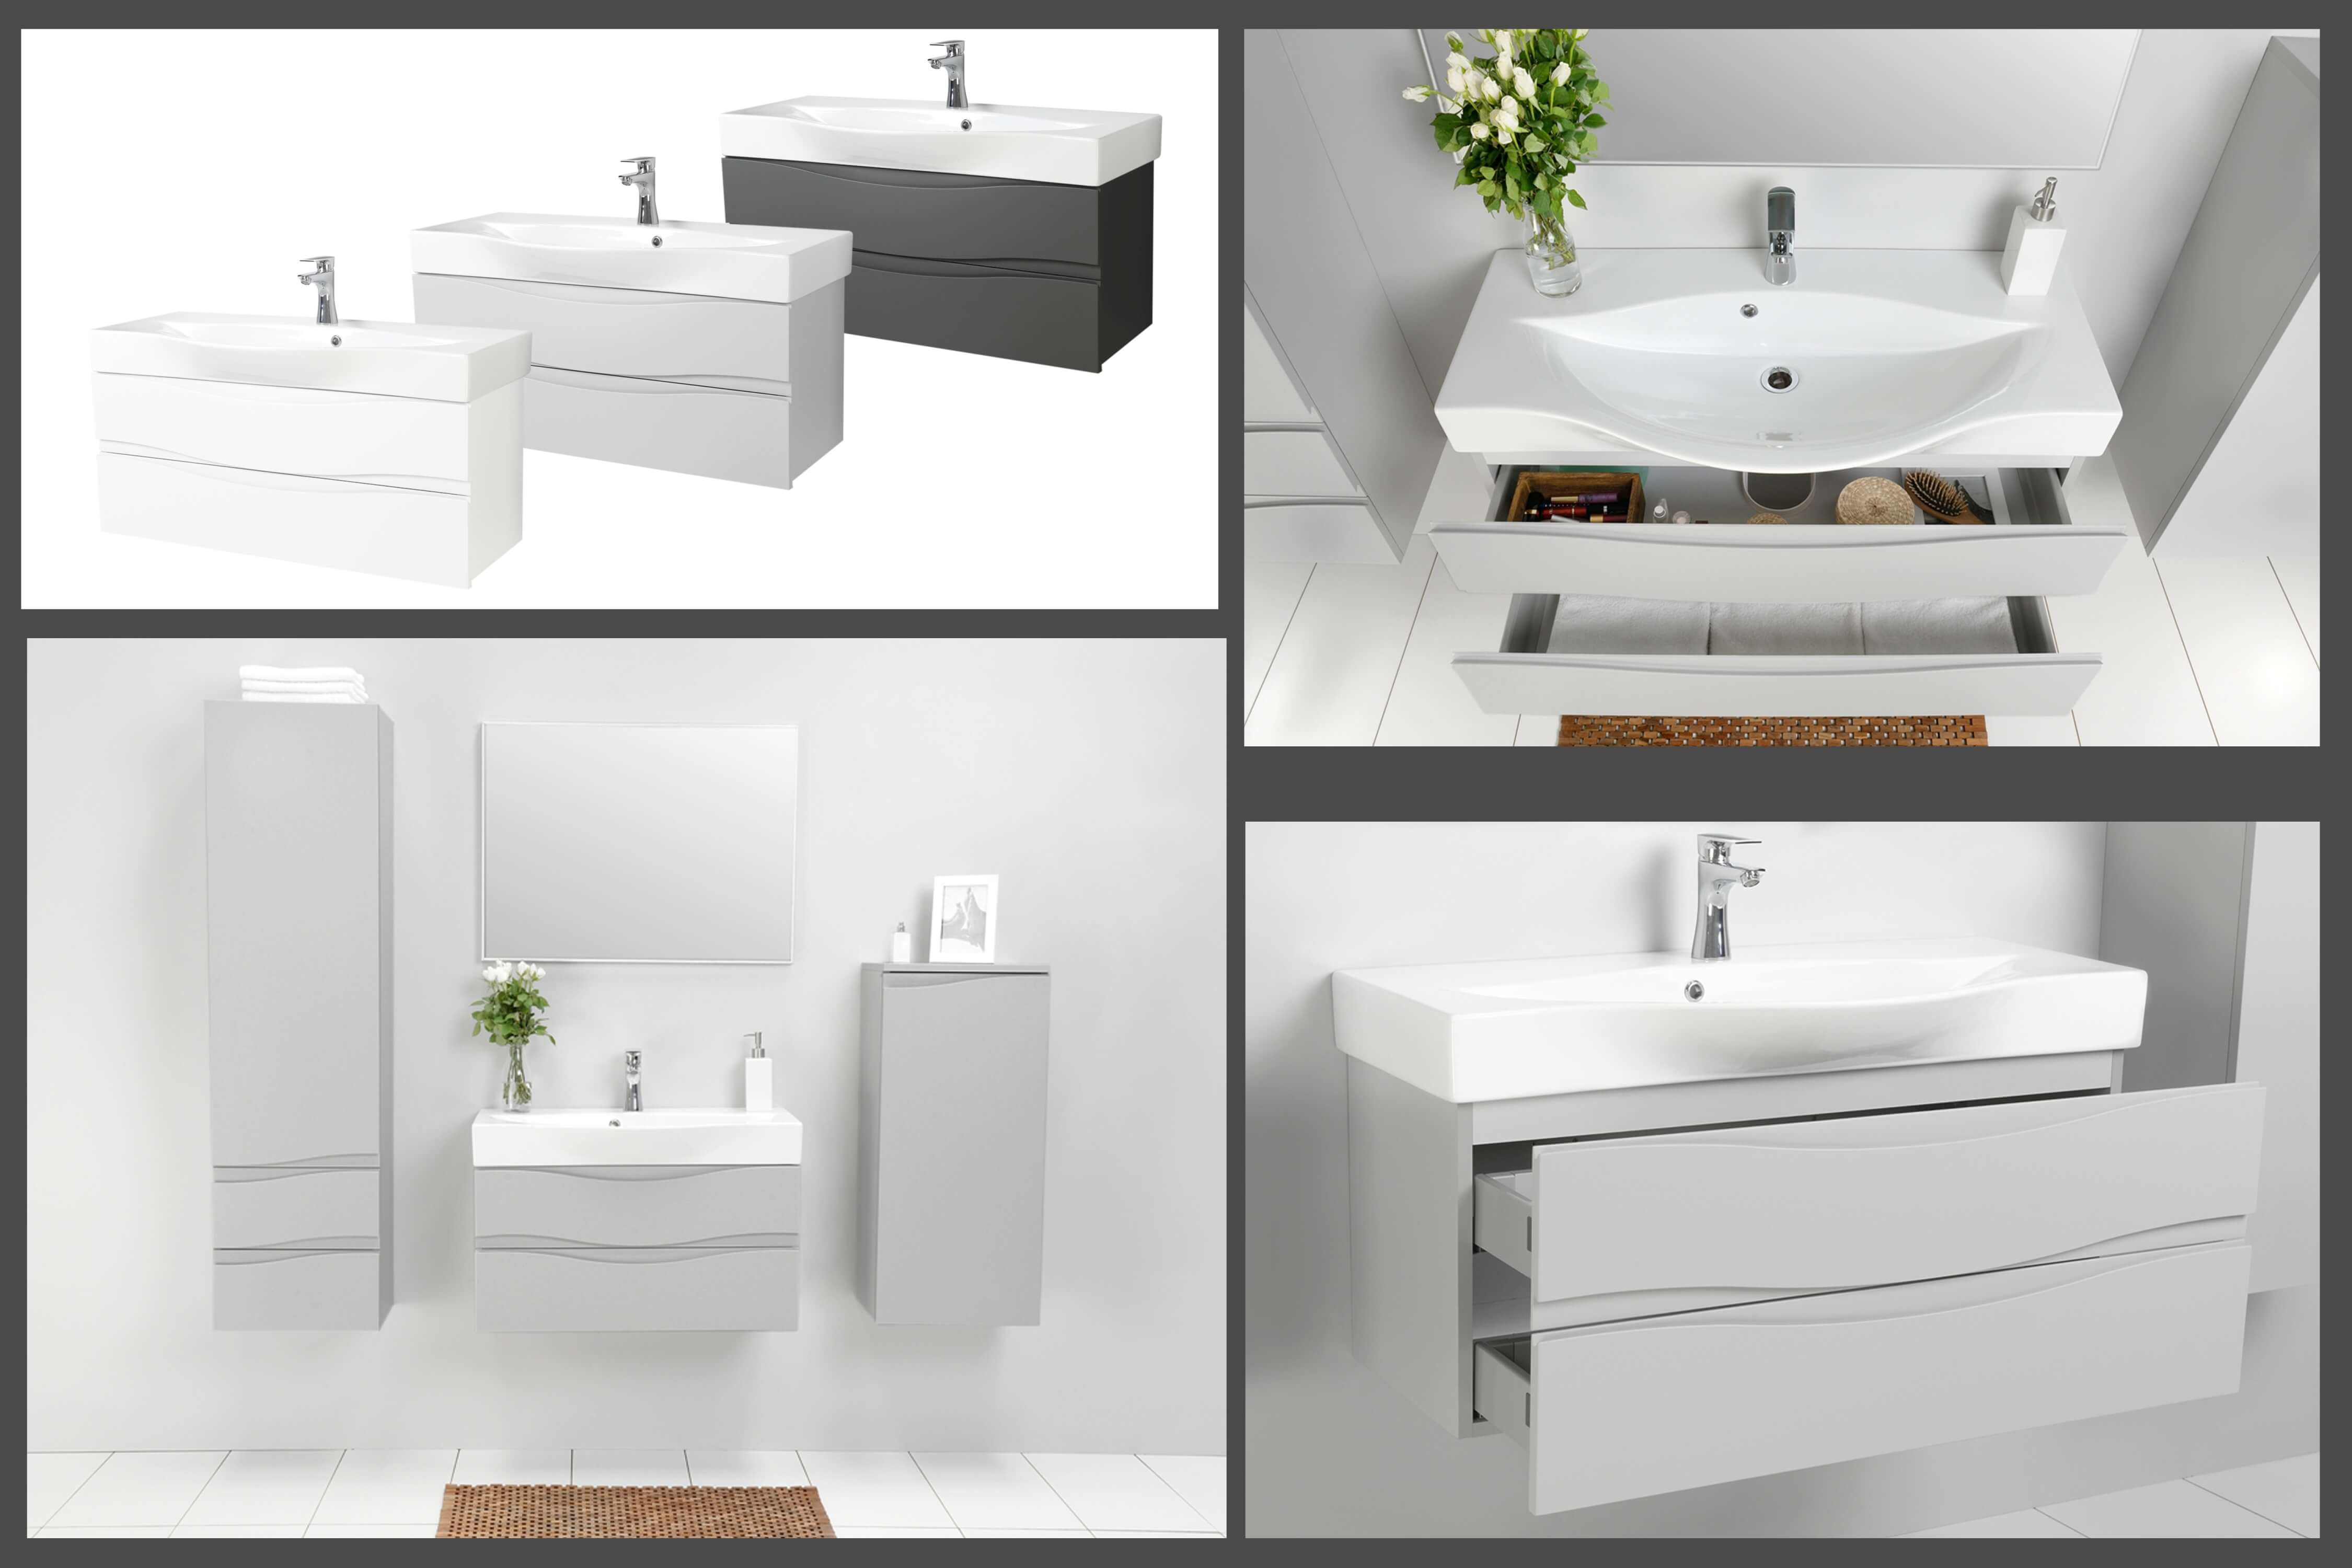 Badezimmerm bel badm bel set waschtisch hochschrank for Badezimmermobel im angebot